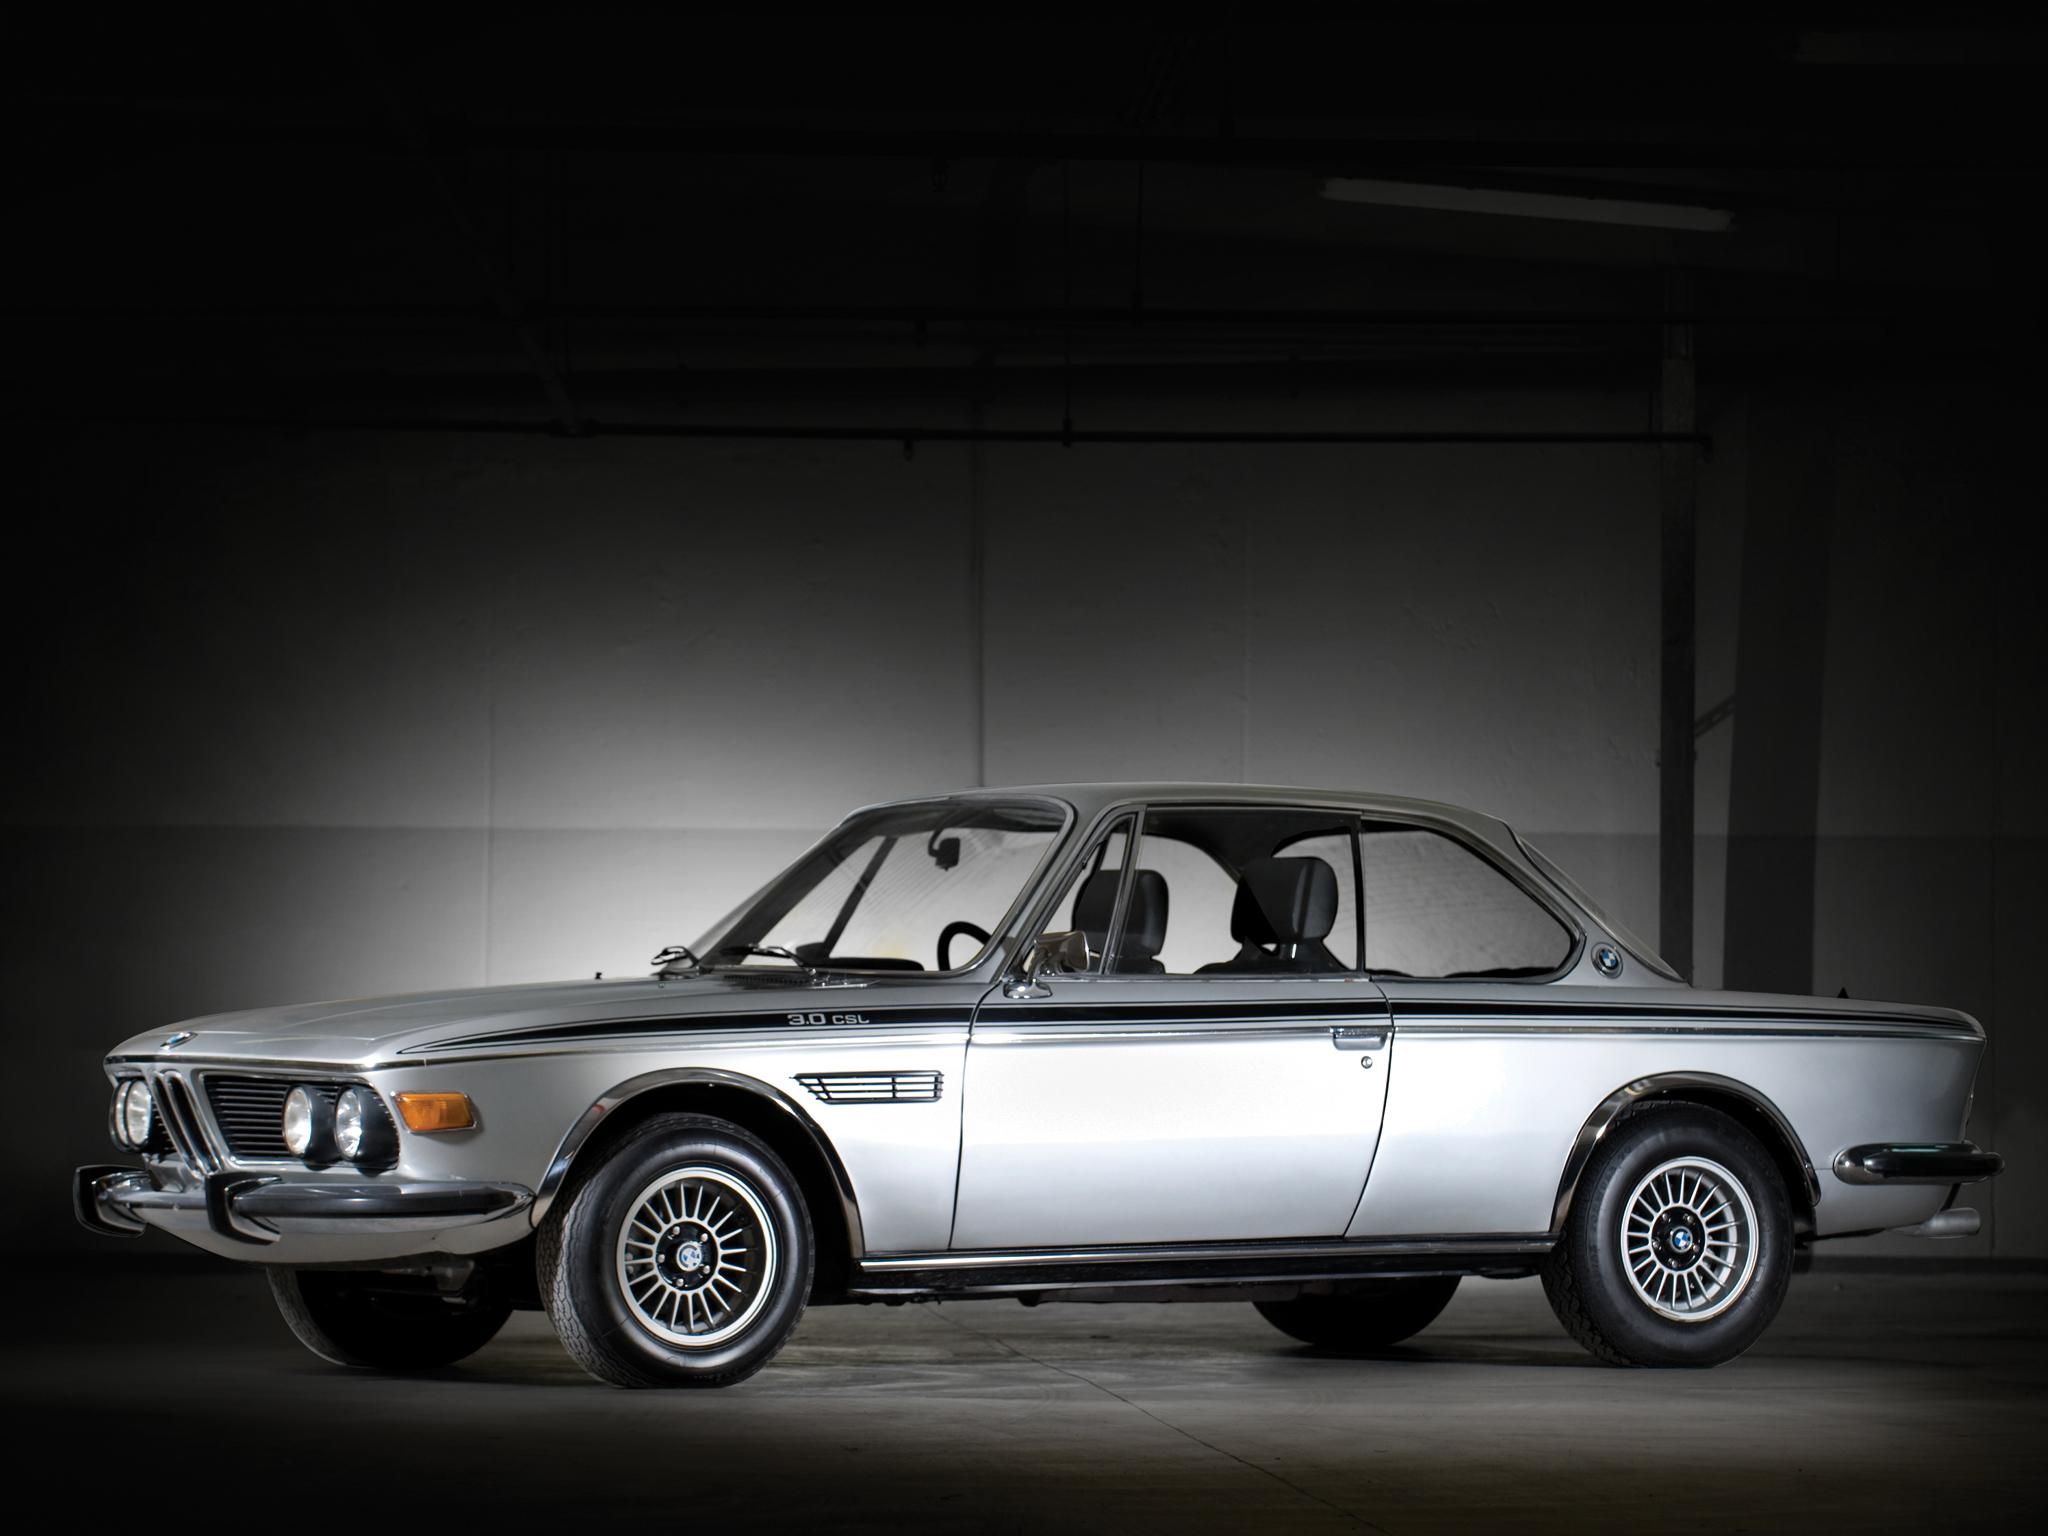 1973 3.0 Csl >> Classic BMW Wallpaper - WallpaperSafari